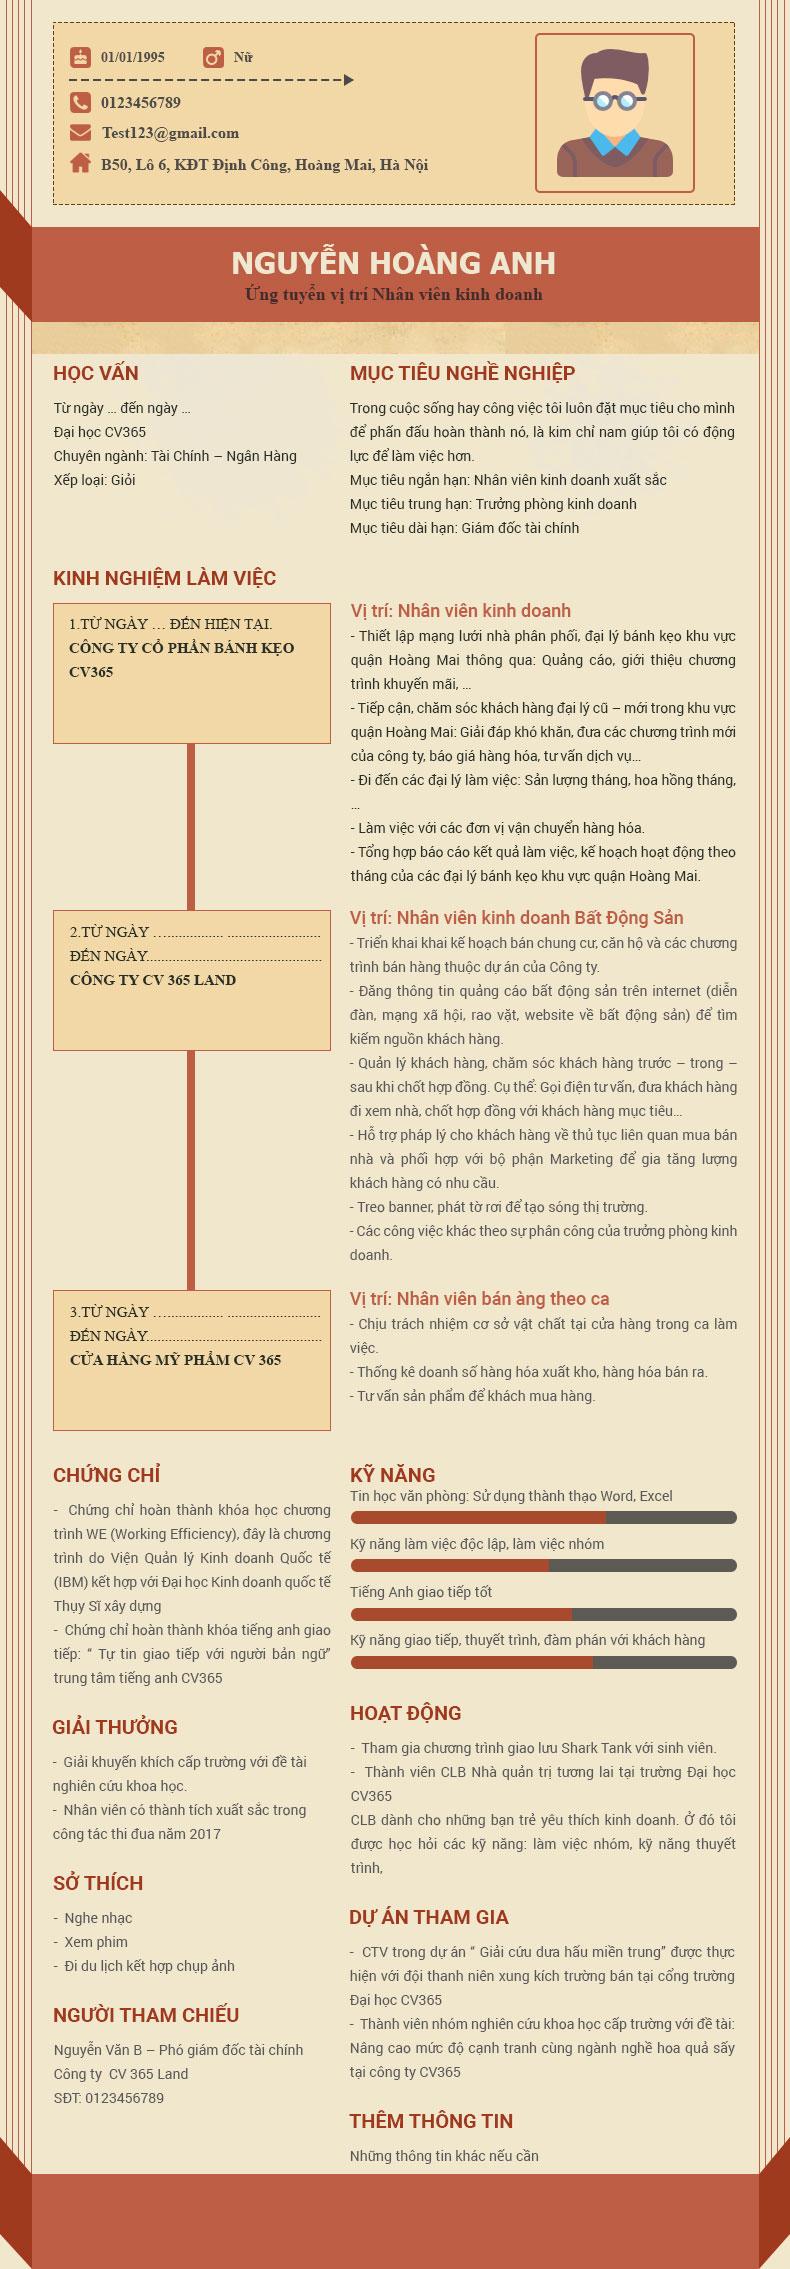 Xem mẫu CV xin việc để tránh những lỗi sau đây